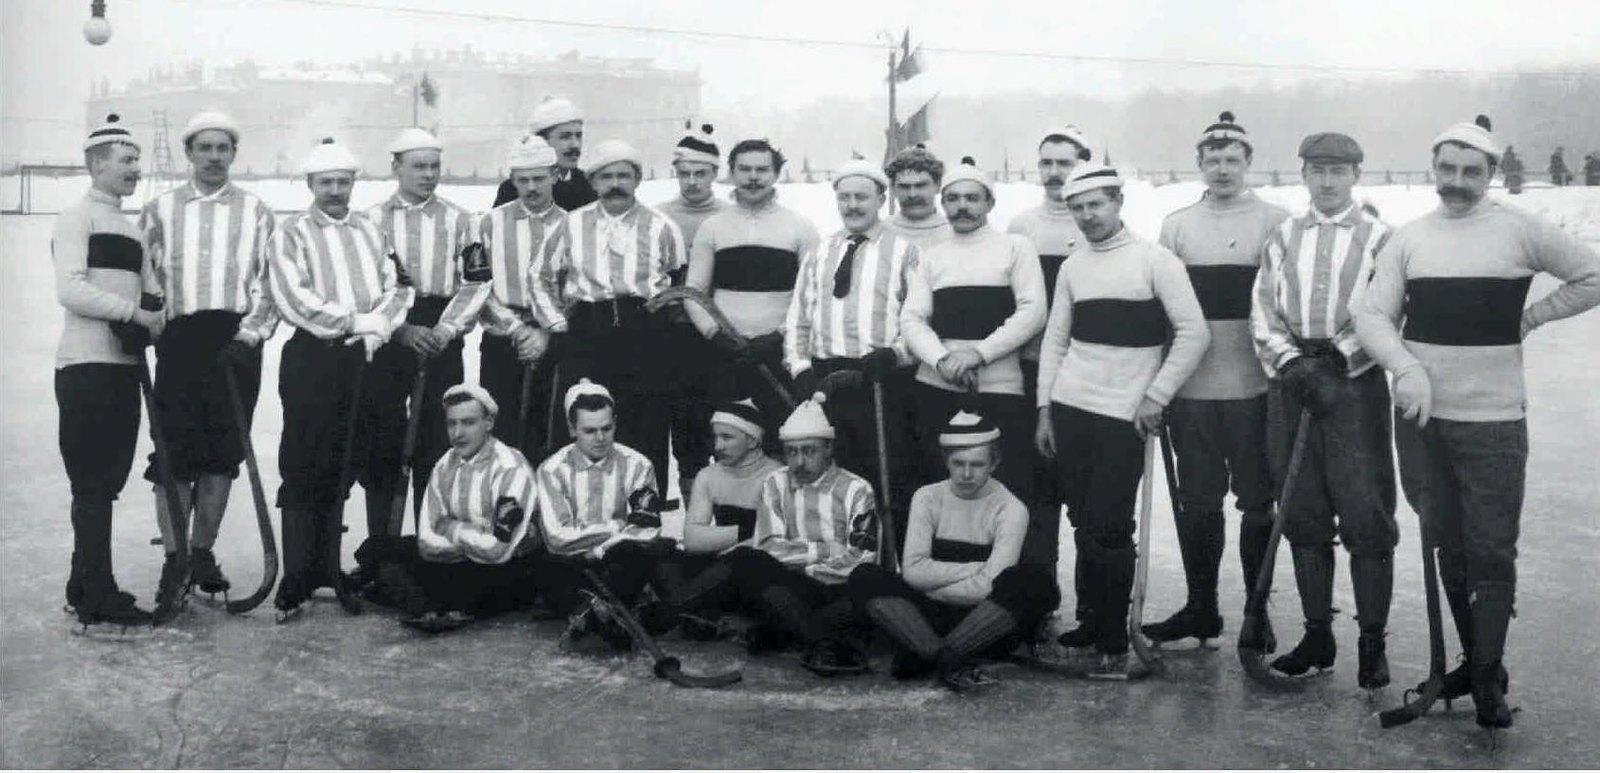 1913. Хокеисты общества любителей бега на коньках и общества «Юнион». Марсово поле